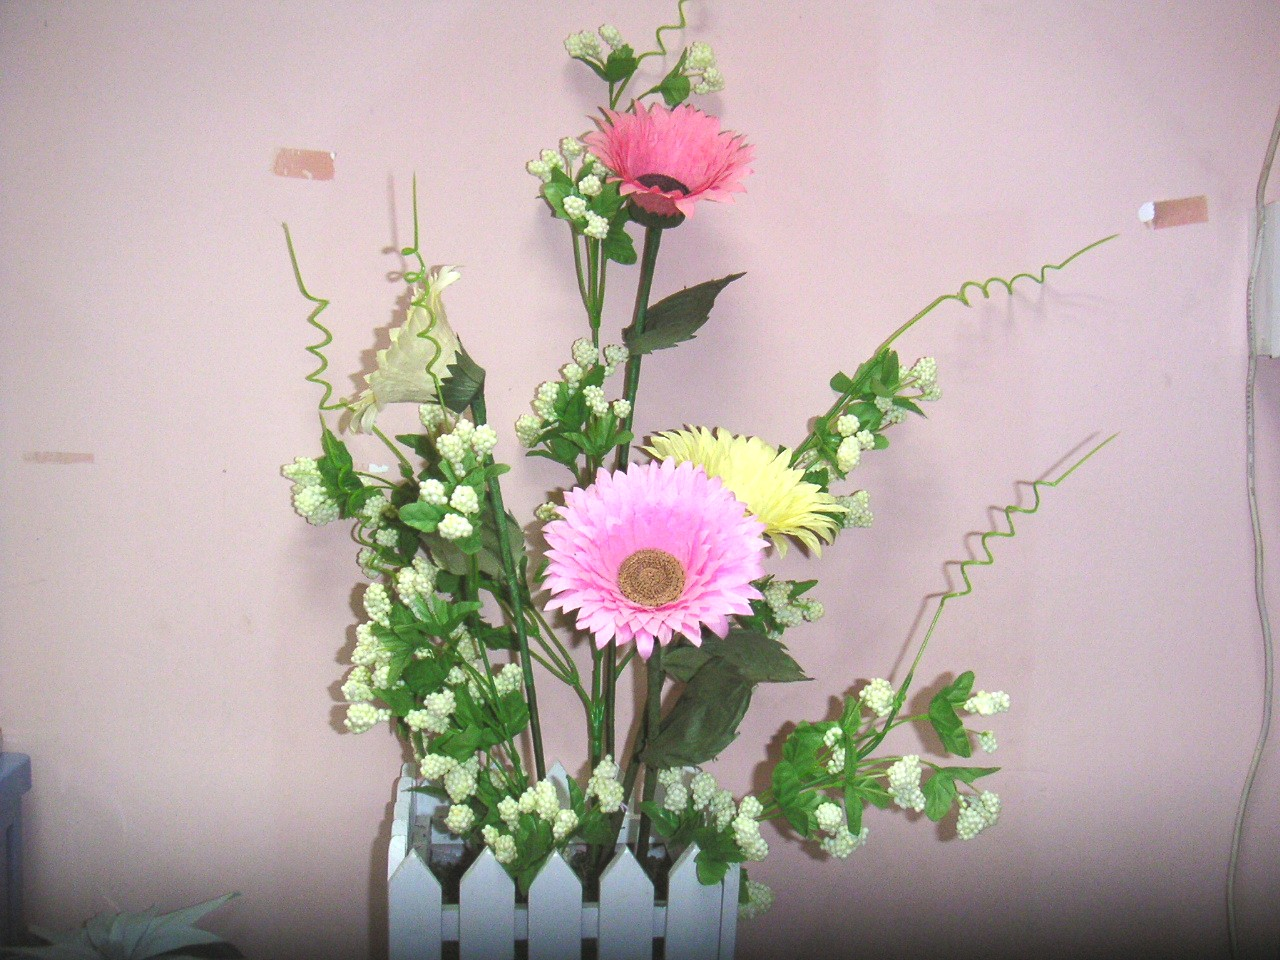 彩纸折花——这个周末花好园邀你齐欢乐!